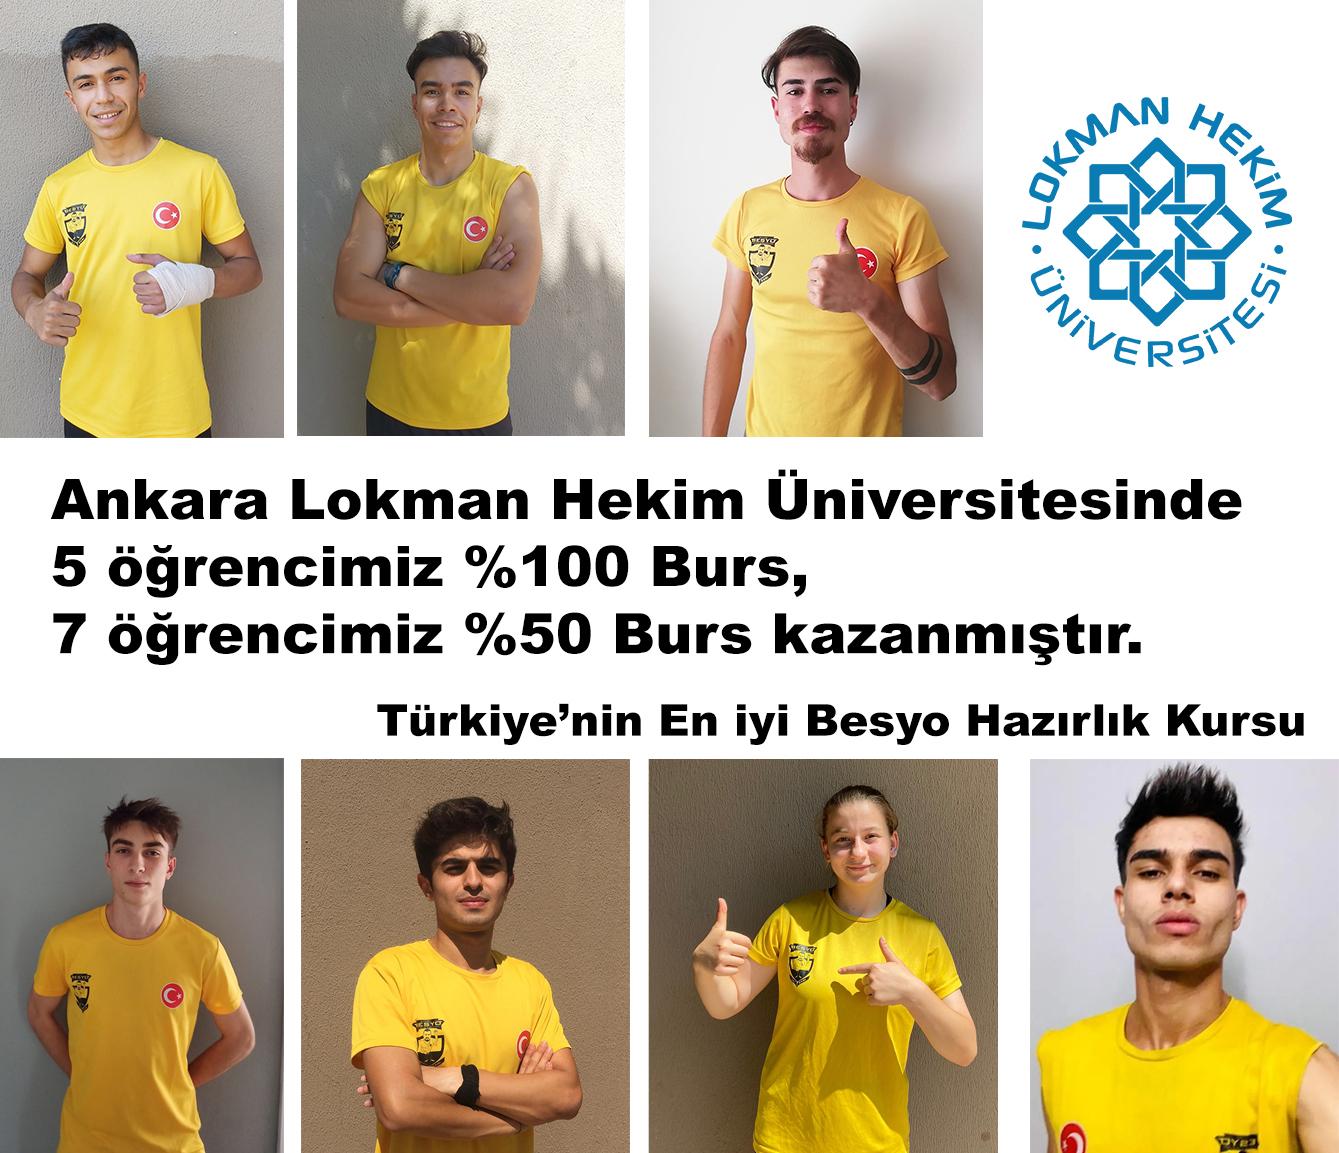 Girdiğimiz ilk sınavda 5i %100 , 7si % 50 burslu 12 öğrencimiz üniversiteyi kazanmıştır. KAZANDIRMAK Bizim İşimiz. Ankara'da RAKİPSİZ